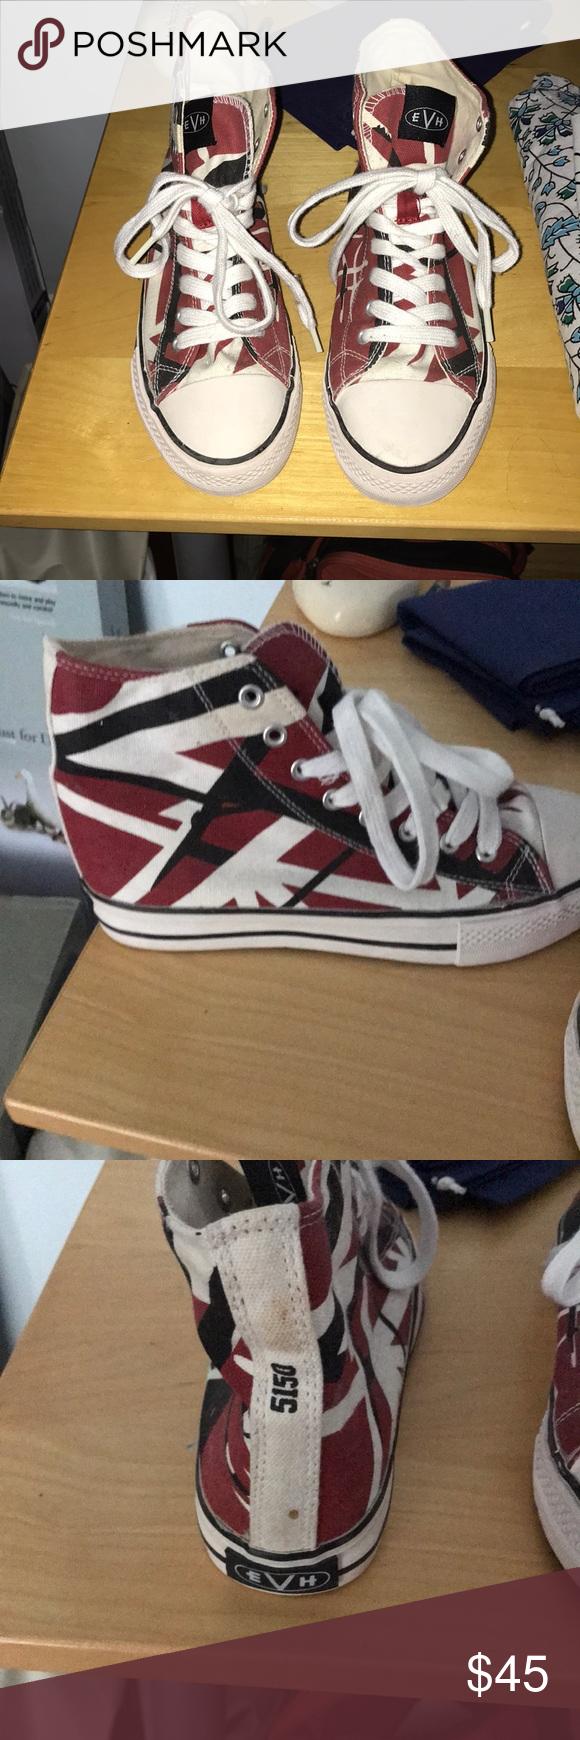 Eddie Van Halen Sneakers Special Edition 5150 Evh Sneakers Worn Only 2 3 Times Excellent Pair Of High Top Converse Great Edition Sneakers Van Halen Converse